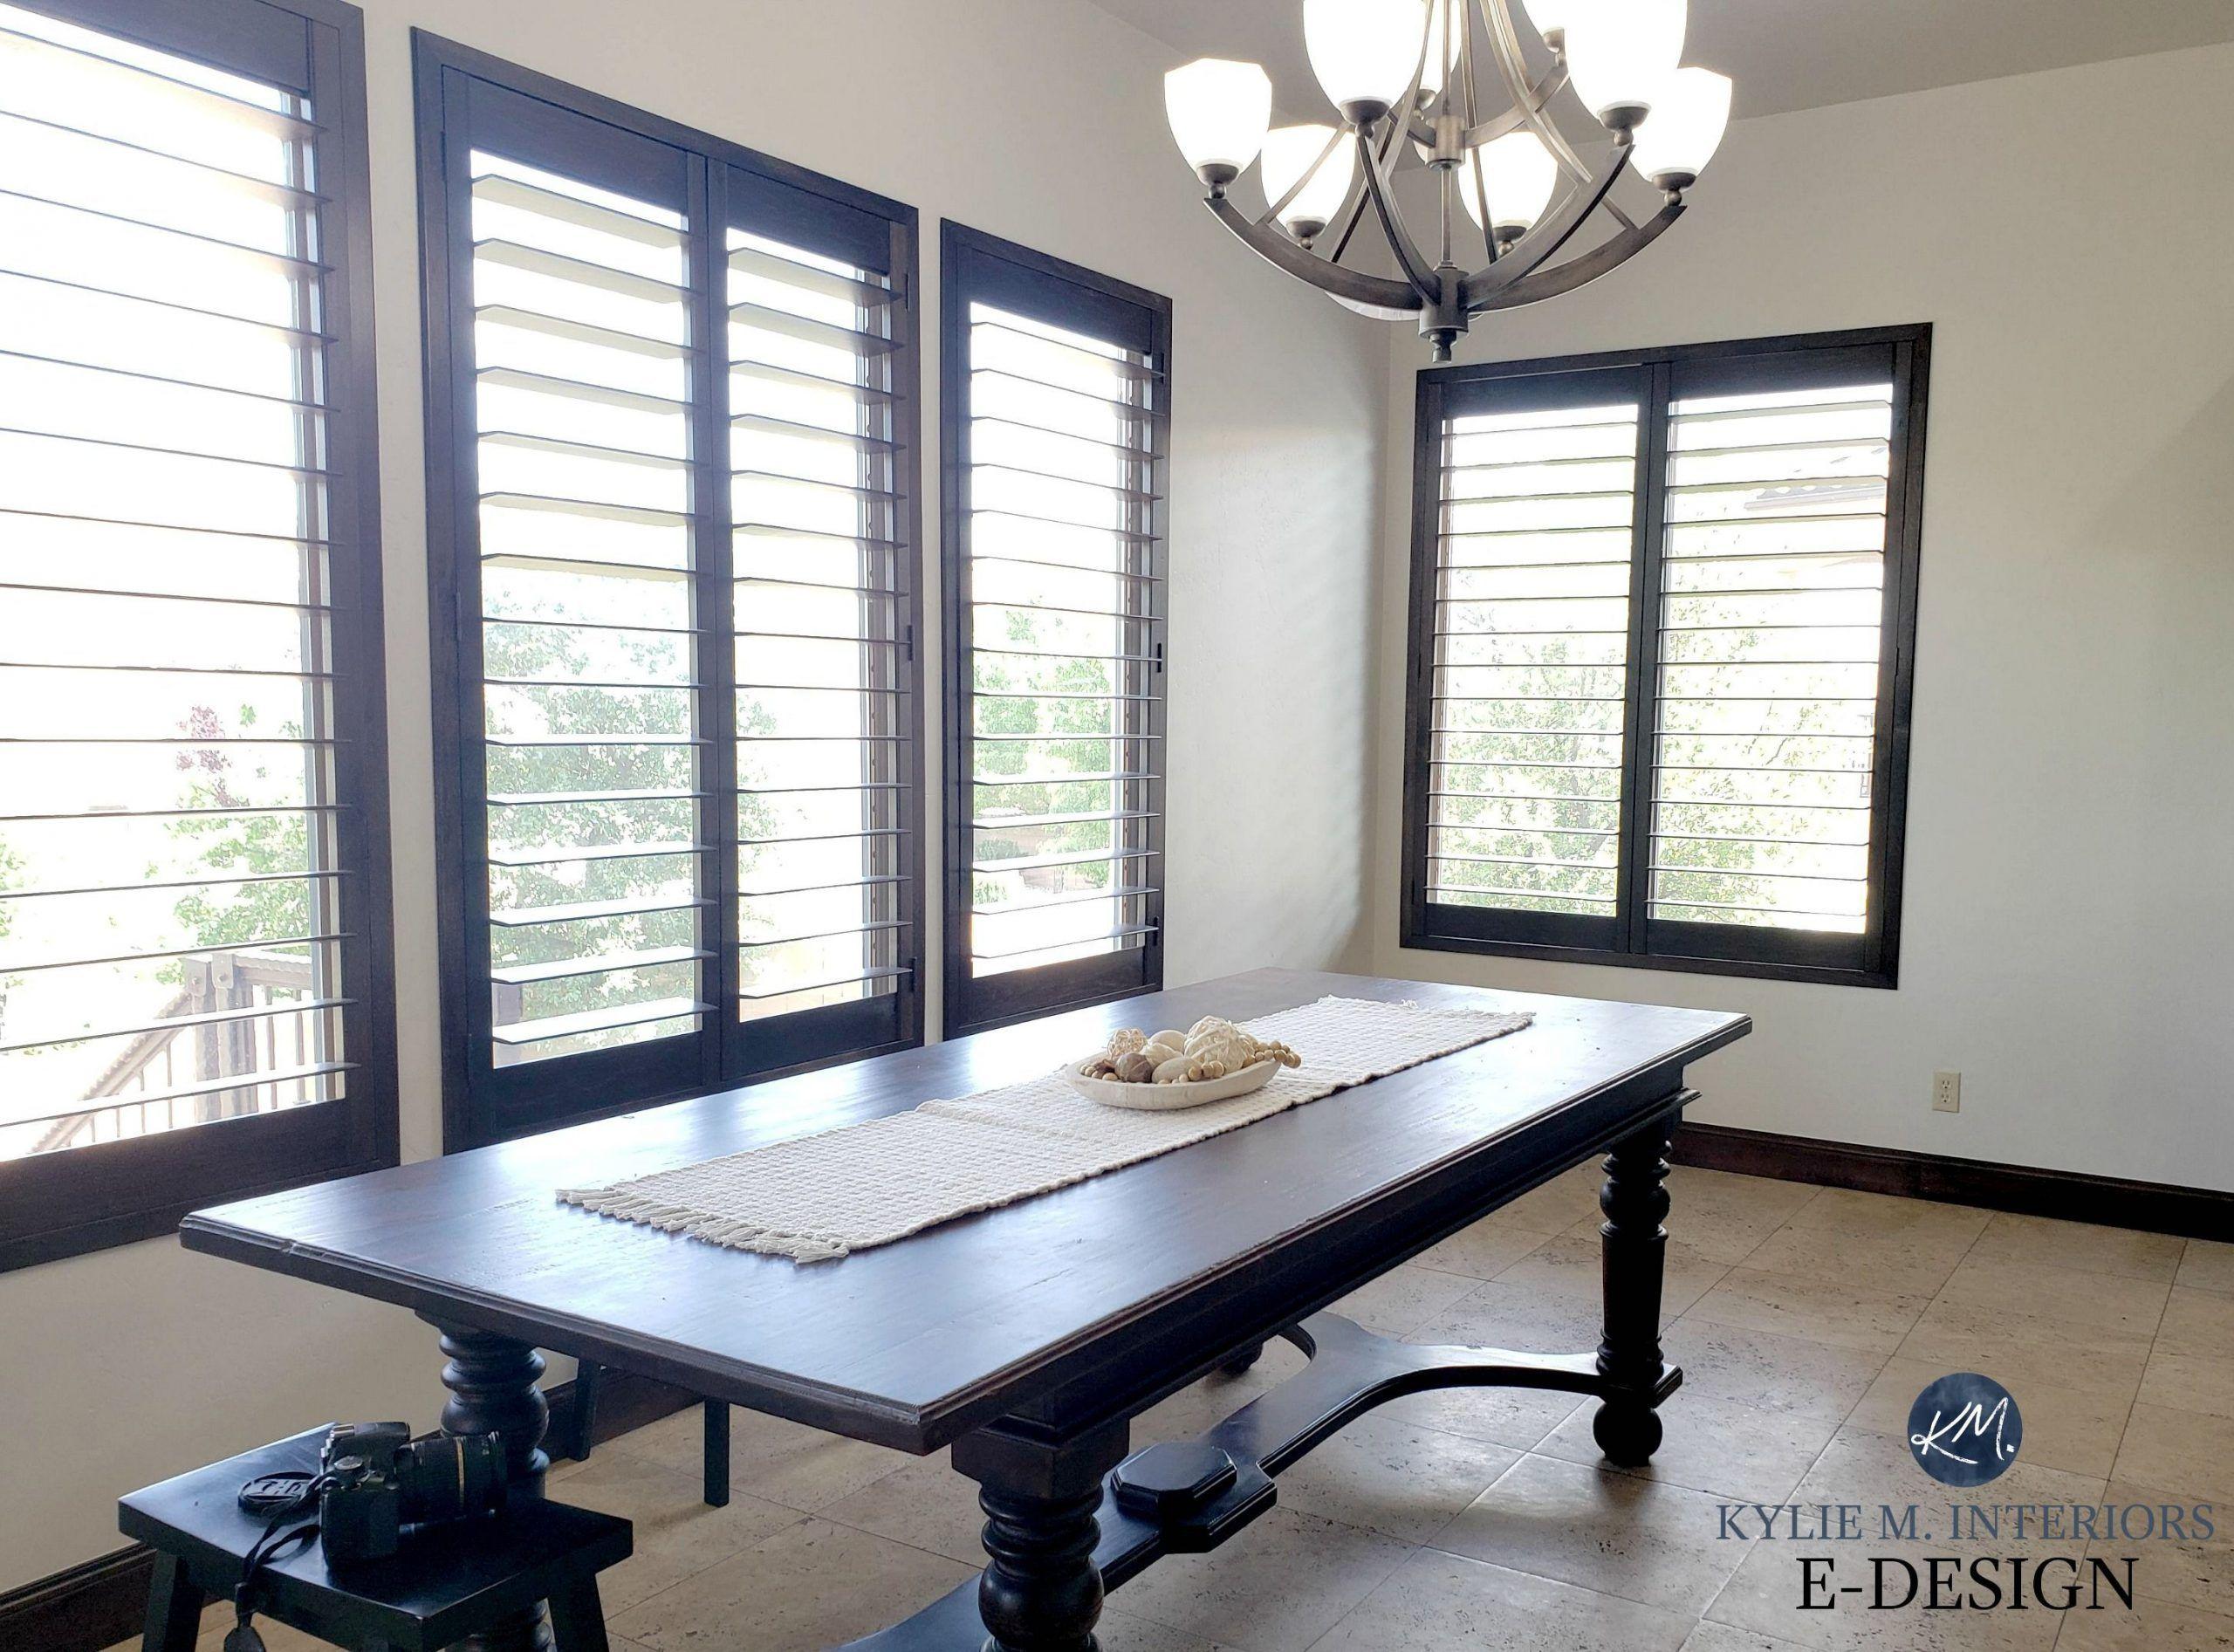 Kylie M Interiors Edesign, dark wood trim and doors. Off white warm creamy greig...#creamy #dark #doors #edesign #greig #interiors #kylie #trim #warm #white #wood